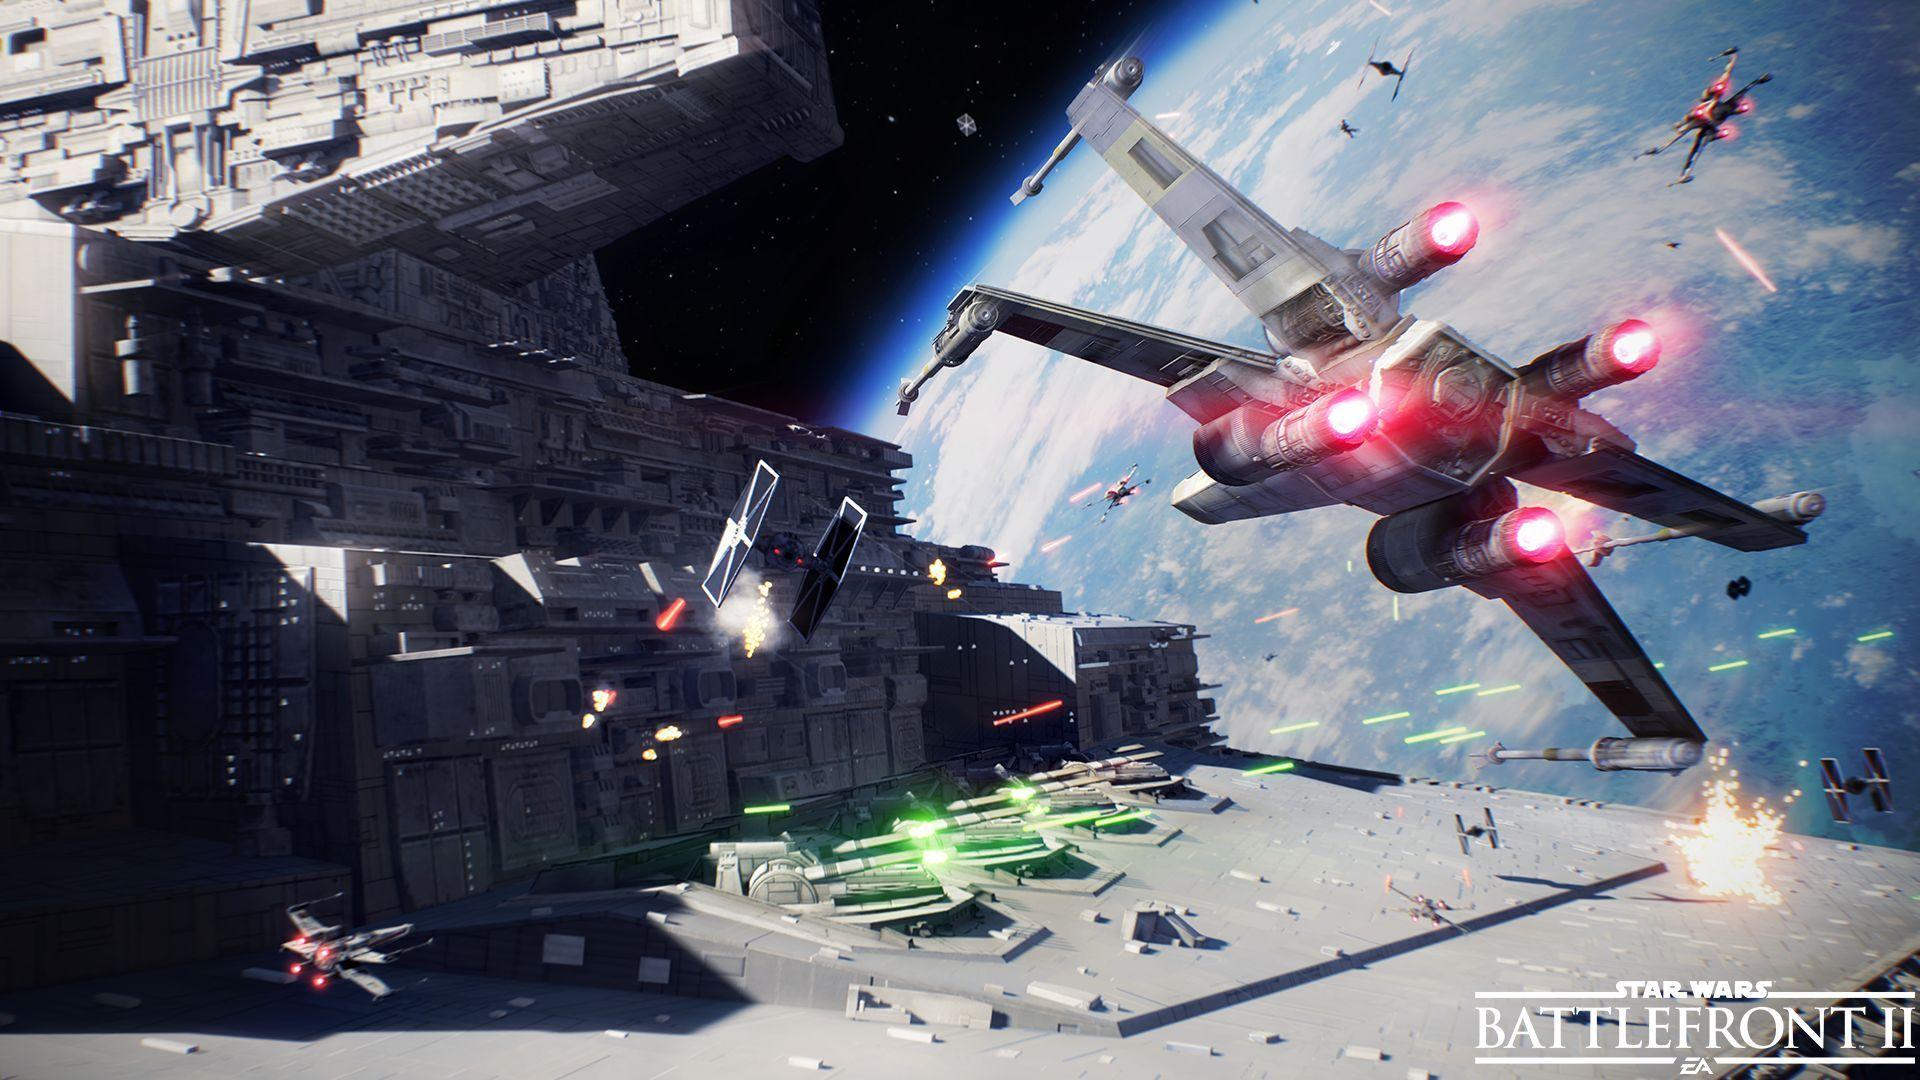 Star Wars Battlefront II (Xbox One) - 5